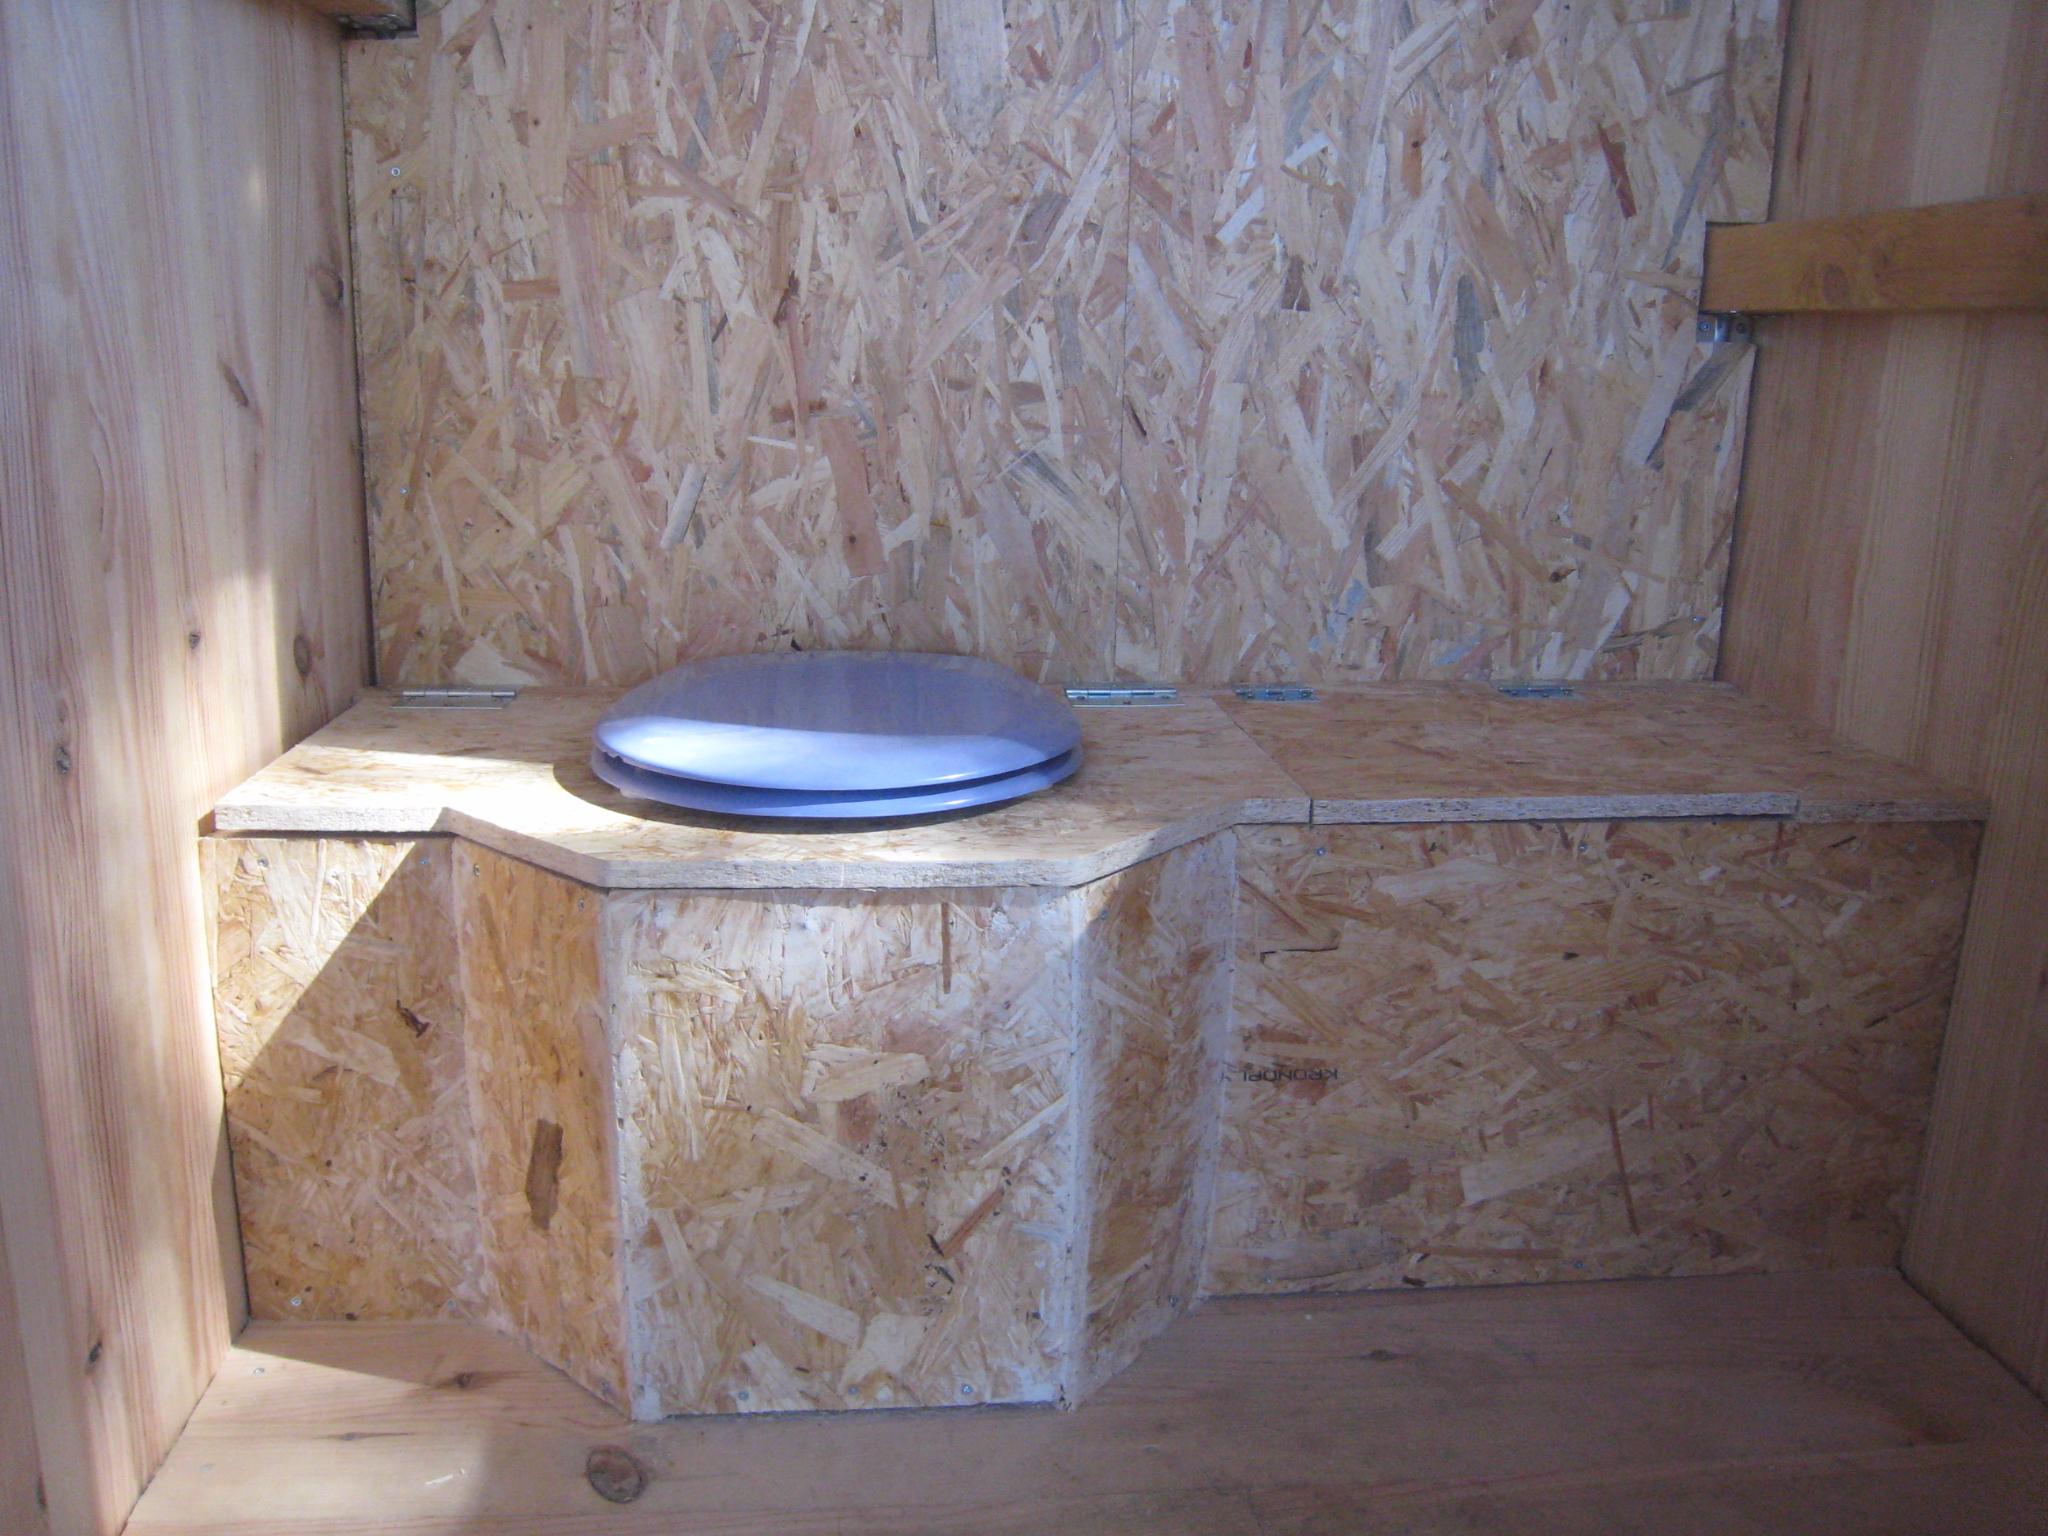 Toilettes Sèches : Informations Et Conseils - Sante-Ondes pour Toilette Seche Reglementation